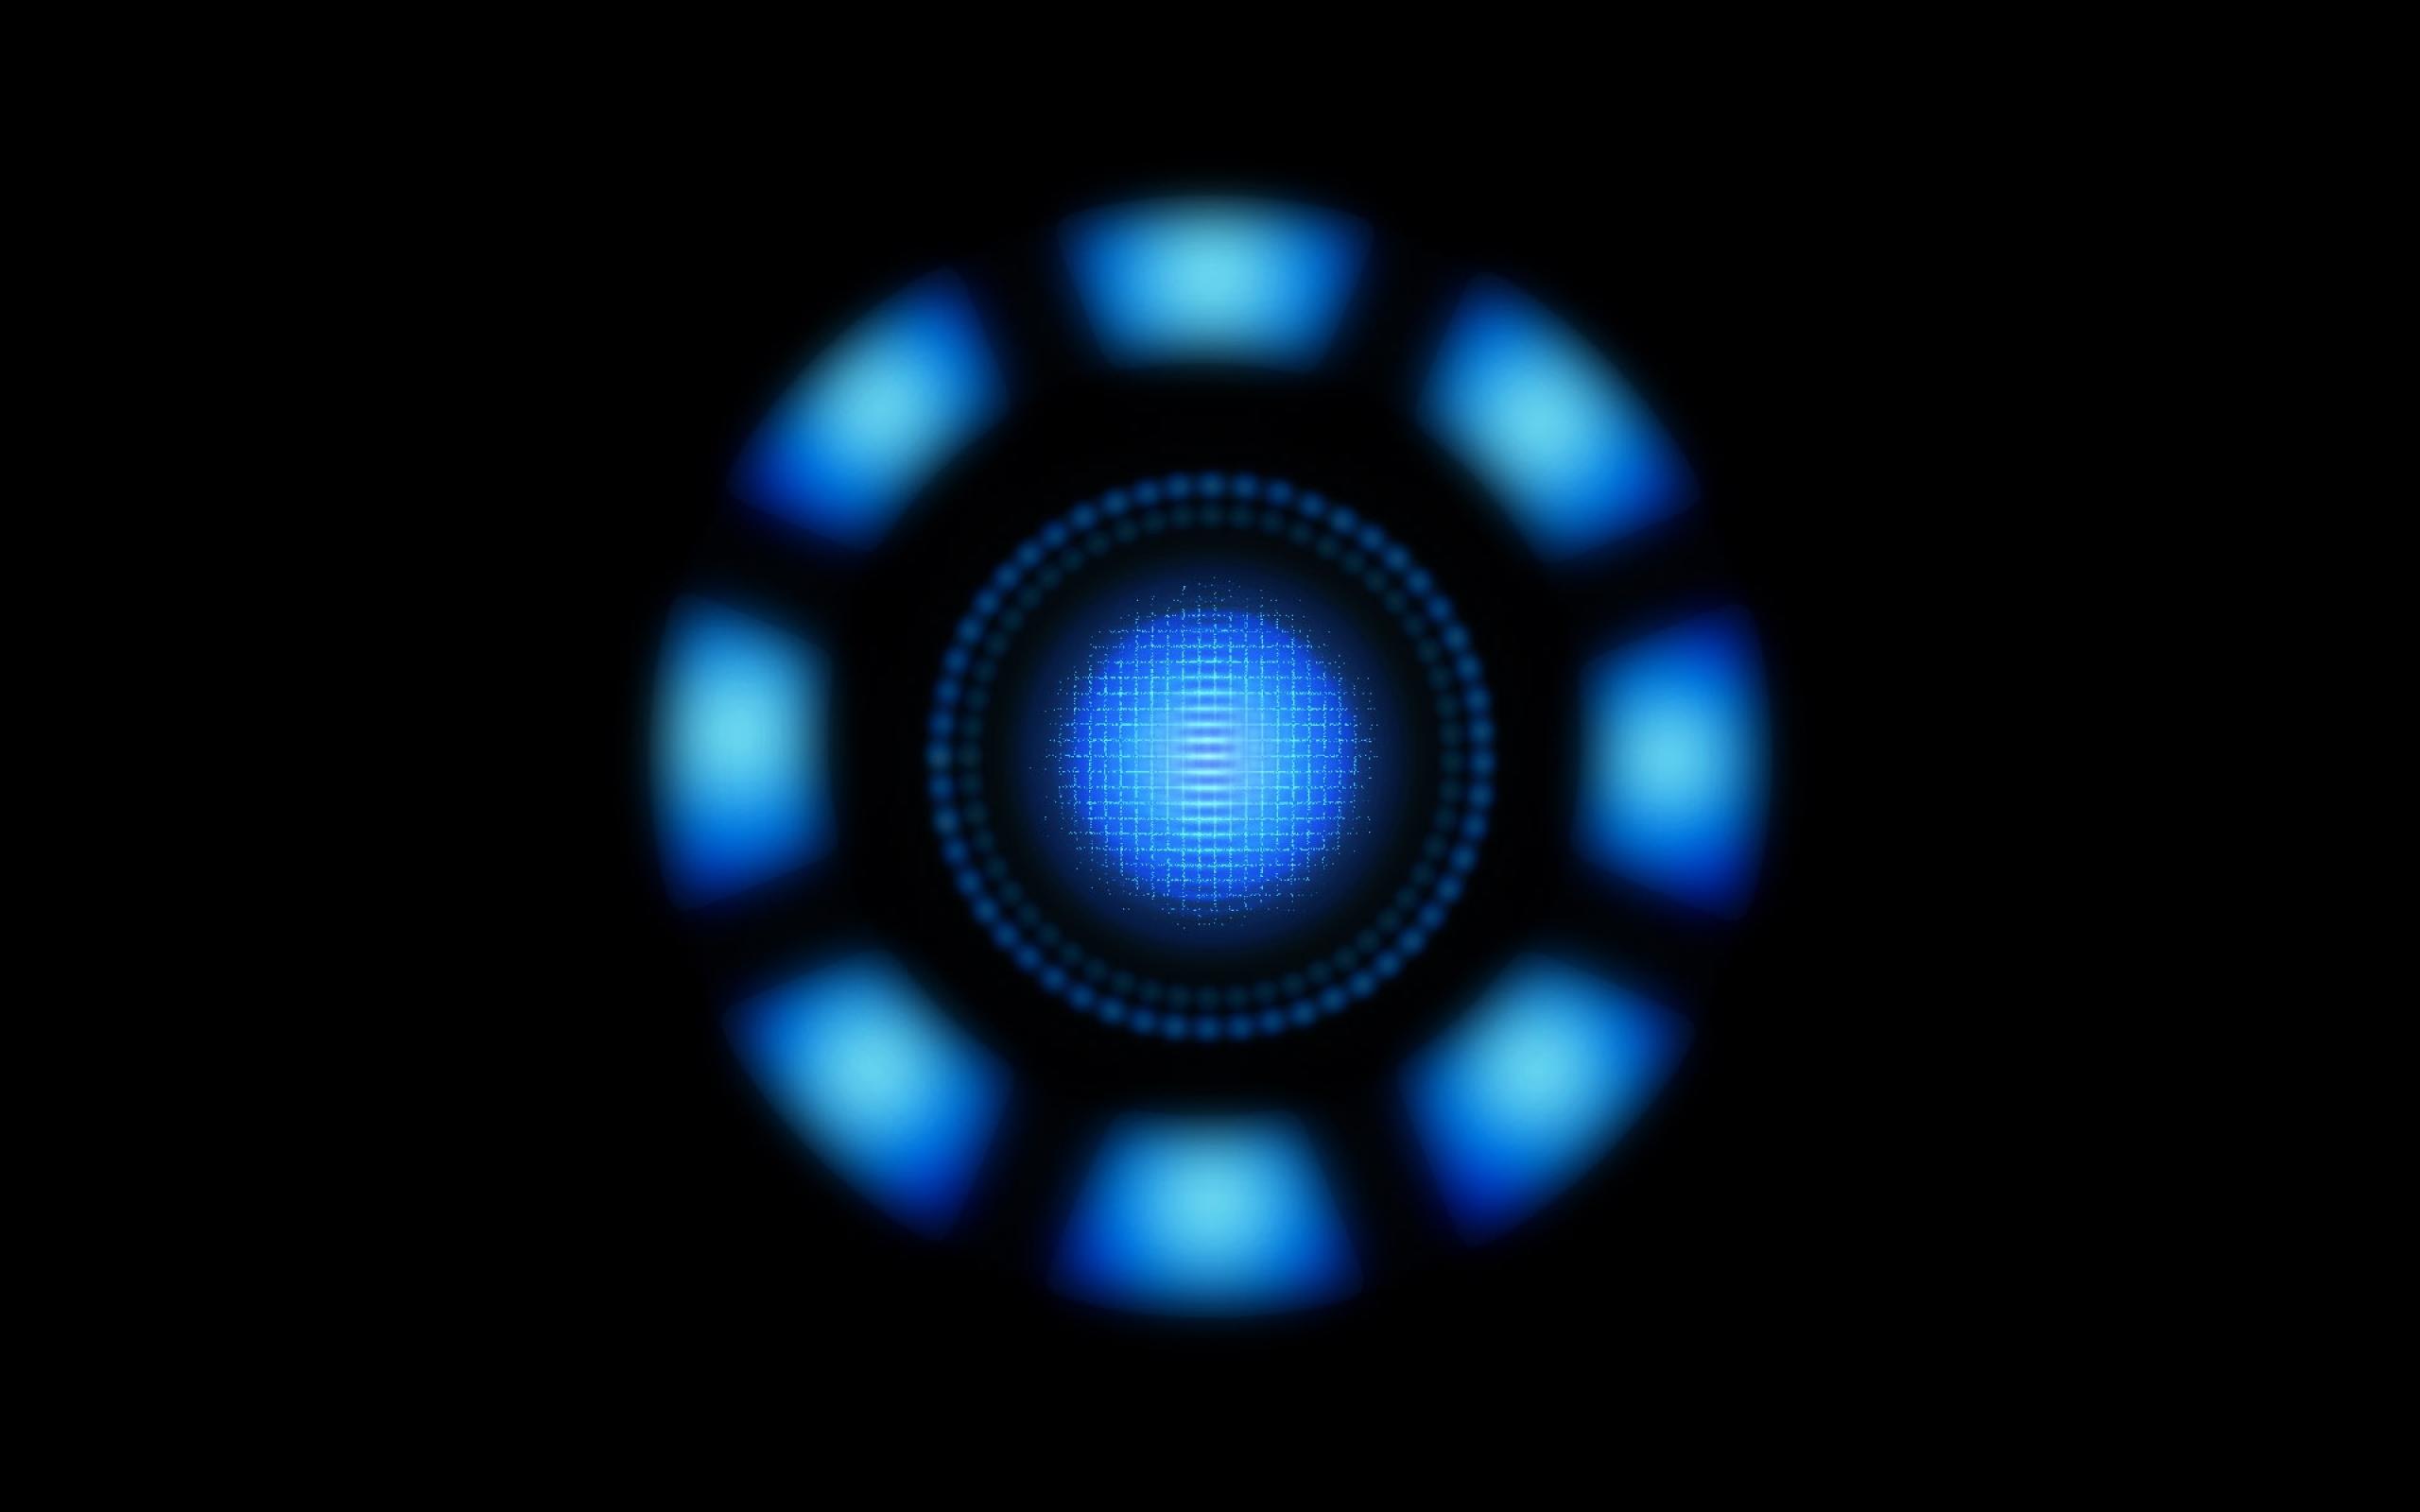 minimalistic iron man arc reactor 1920x1200 wallpaper Art HD Wallpaper 2560x1600